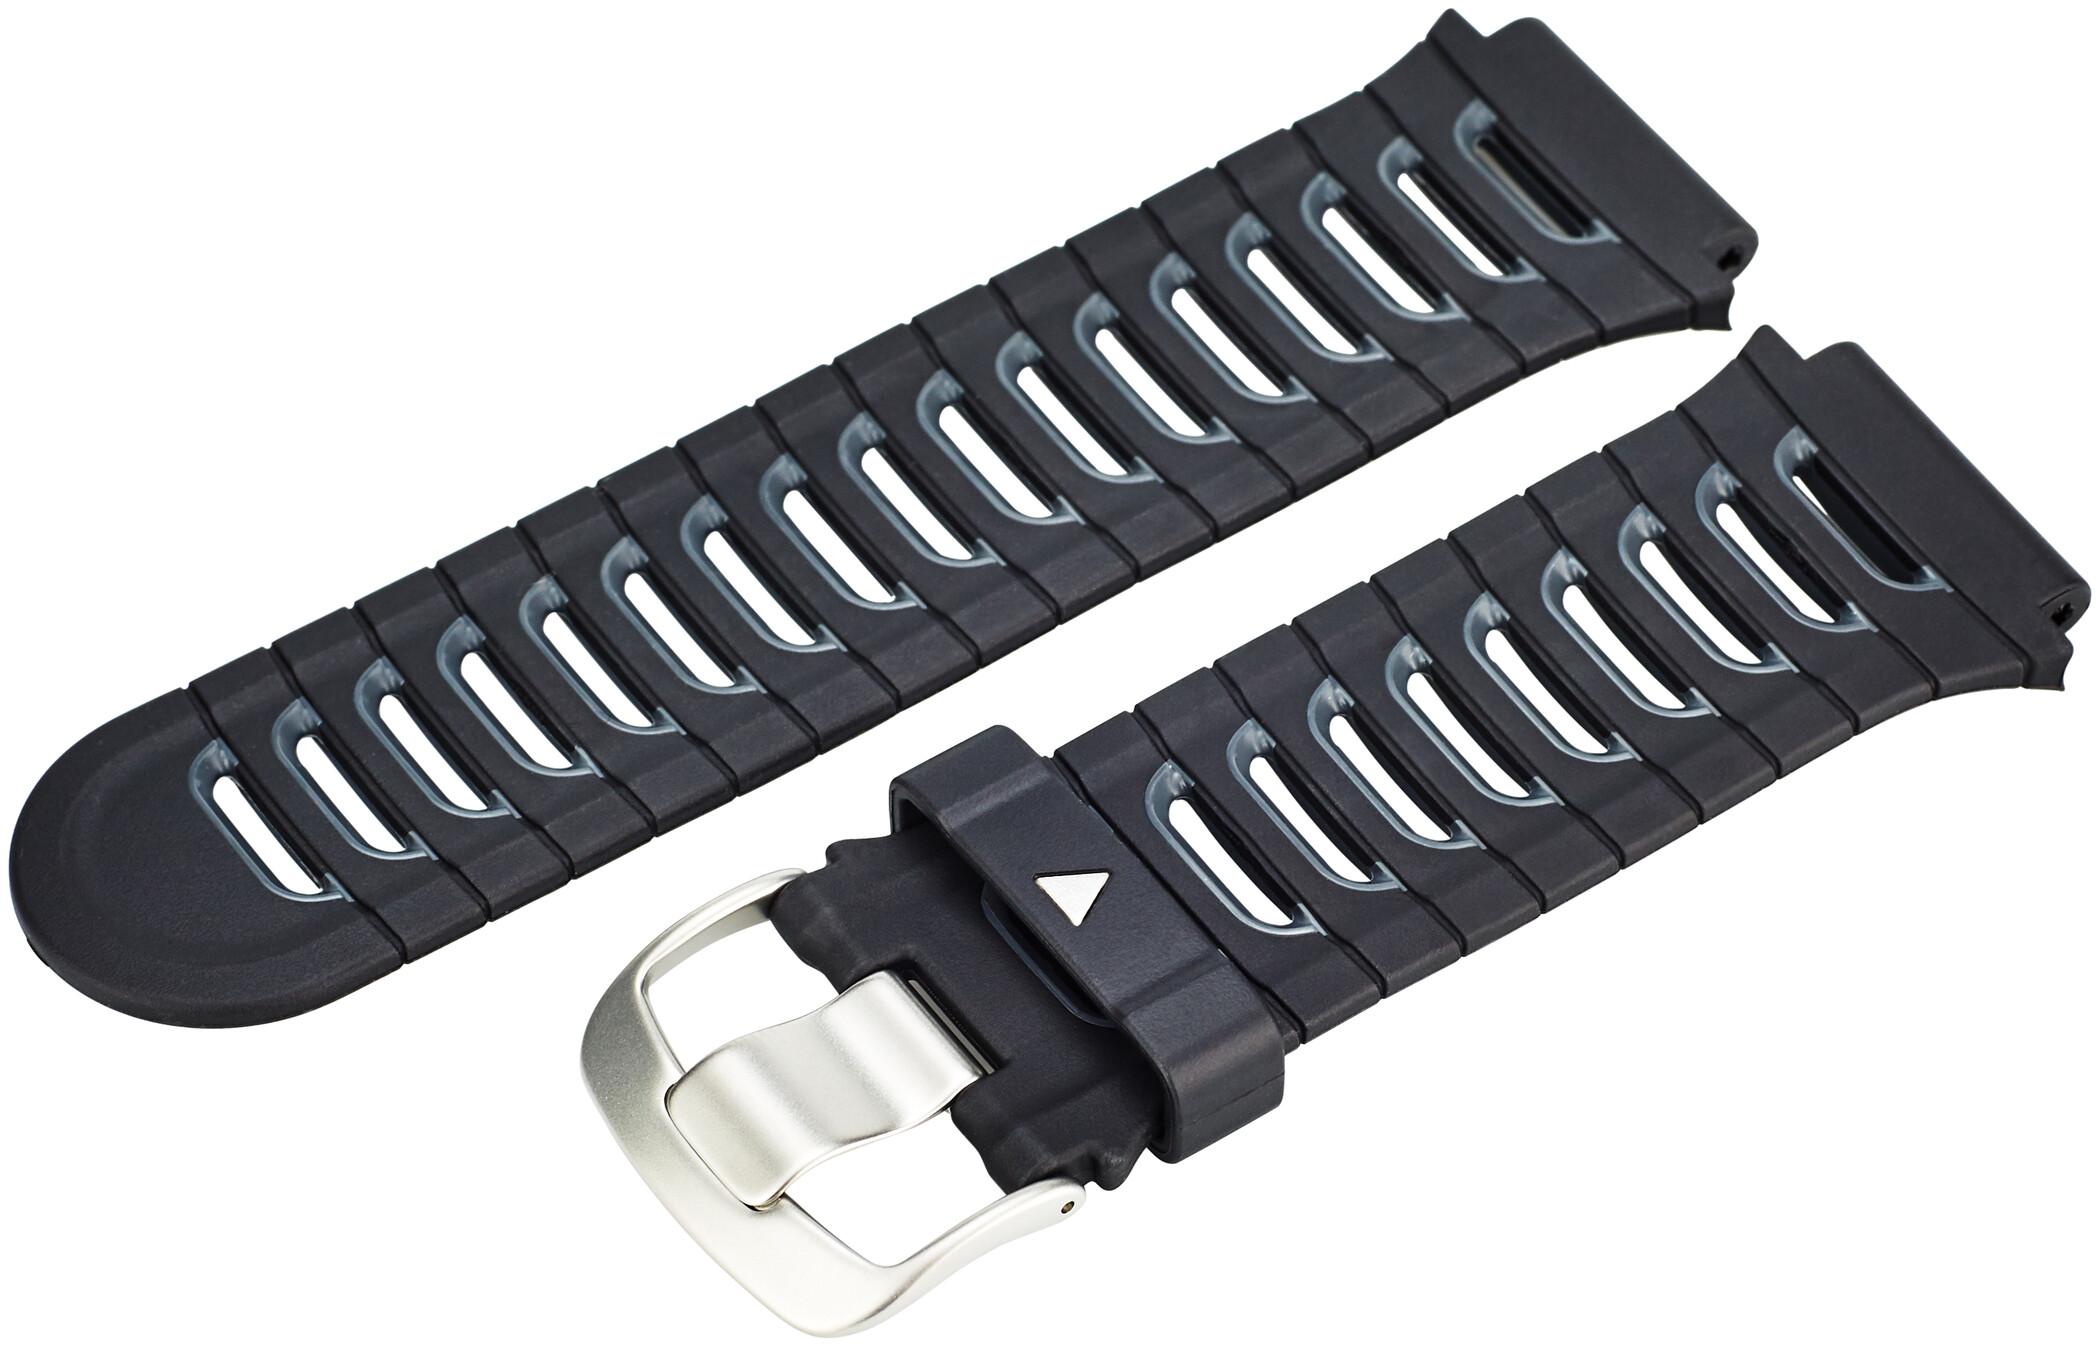 Garmin Forerunner 920XT Armbånd, black/silver (2019) | Sports watches